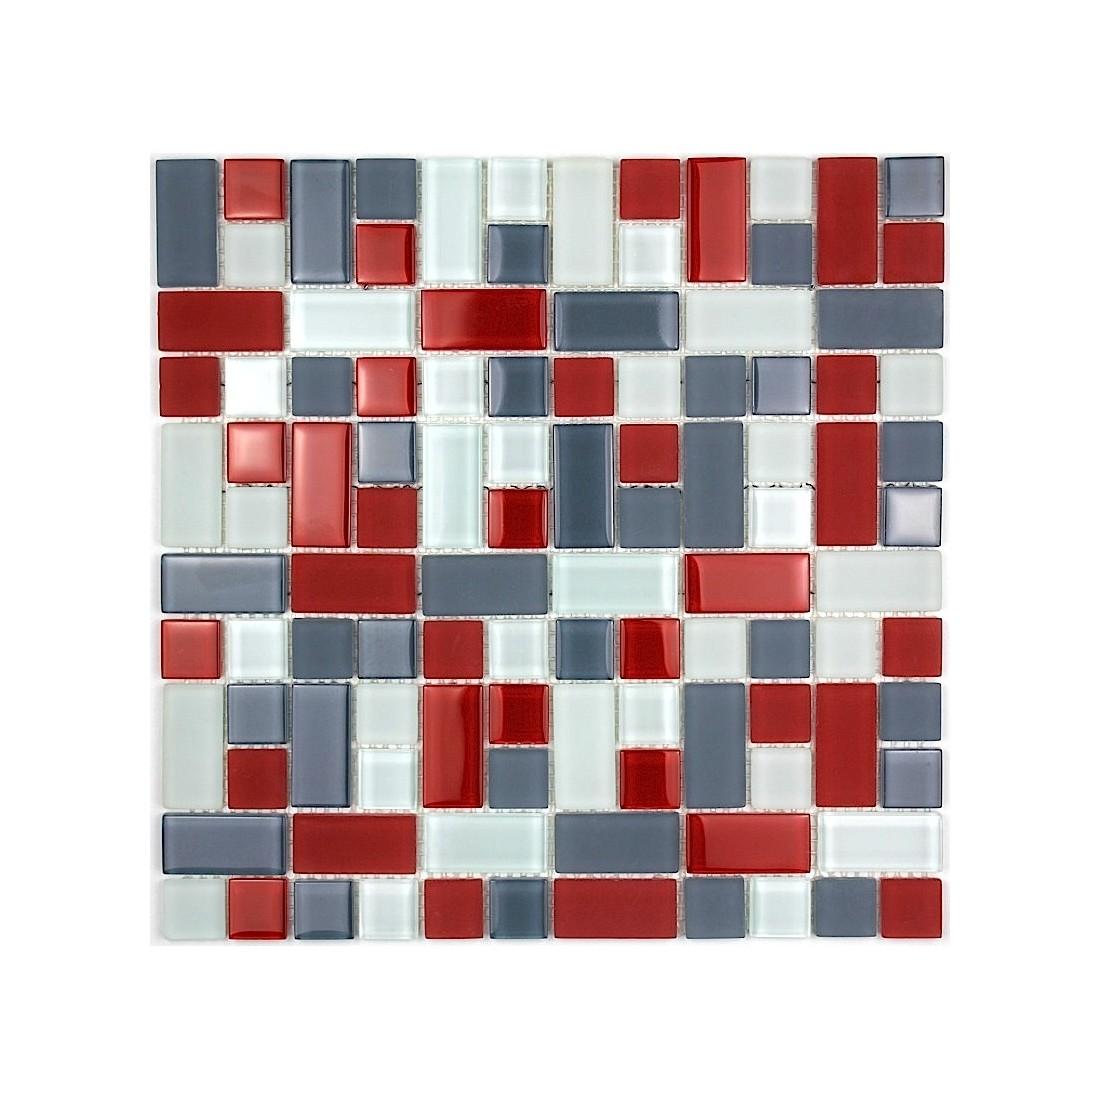 Mosaique de verre autocollante maison design for Mosaique carrelage verre